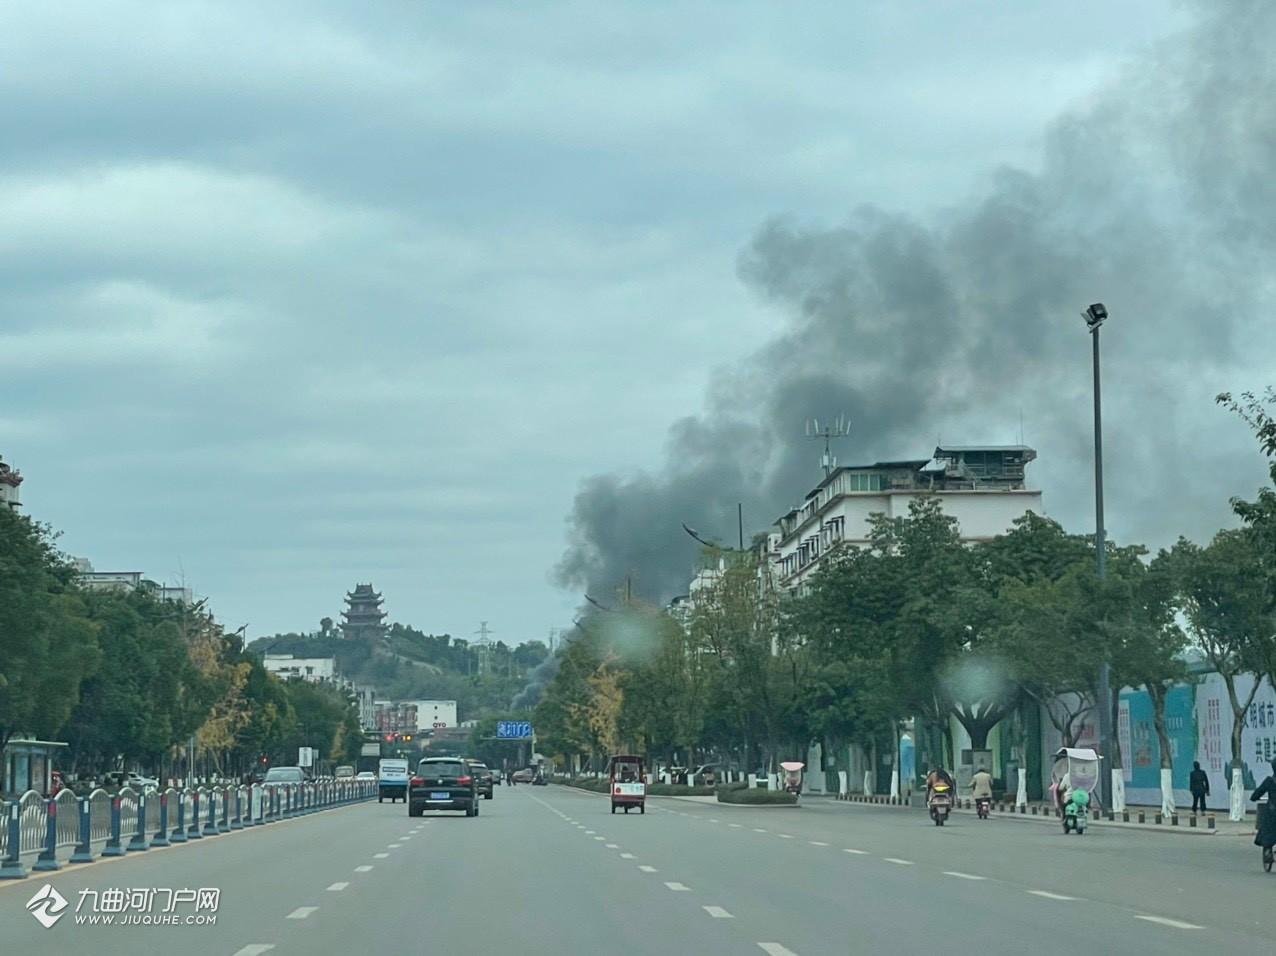 (火已扑灭)资阳西门铁路桥旁边的房子着火了!冒了好大的黑烟!